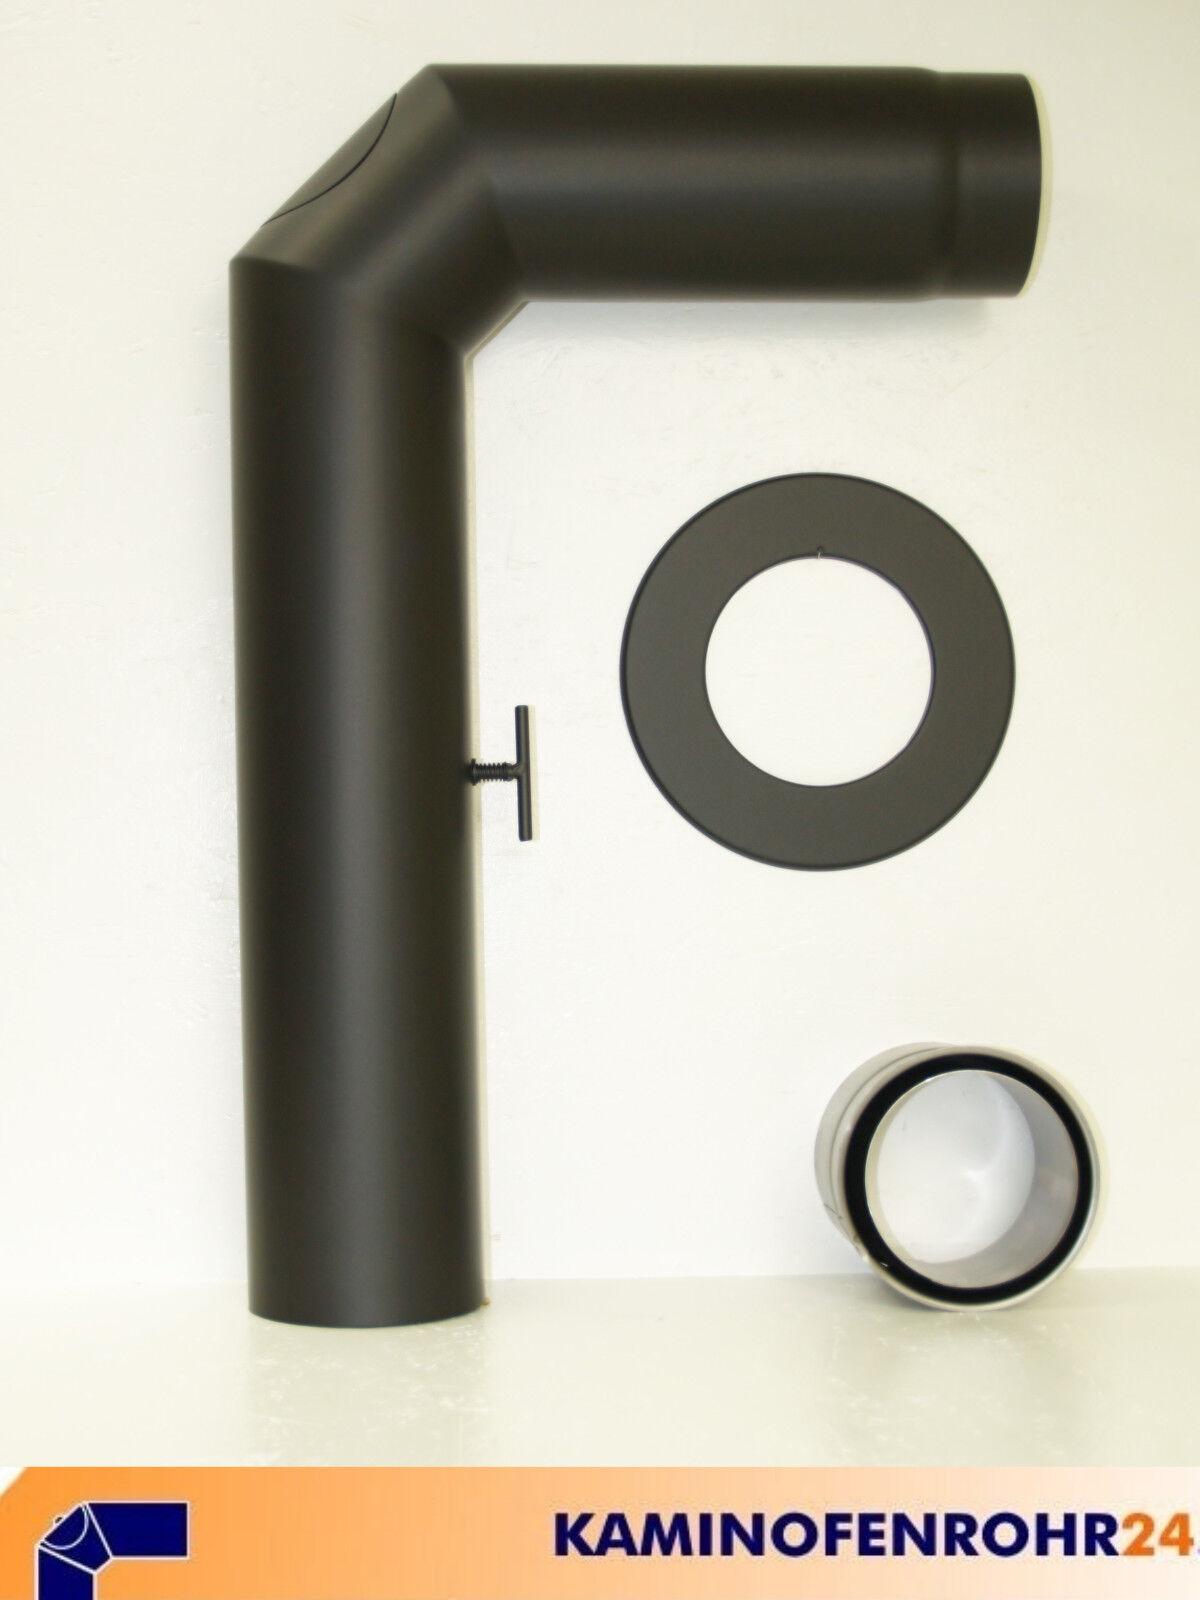 Ofenrohr Rauchrohrset 3tlg mit Drosselklappe Stahl Senotherm schwarz Ø 180 mm